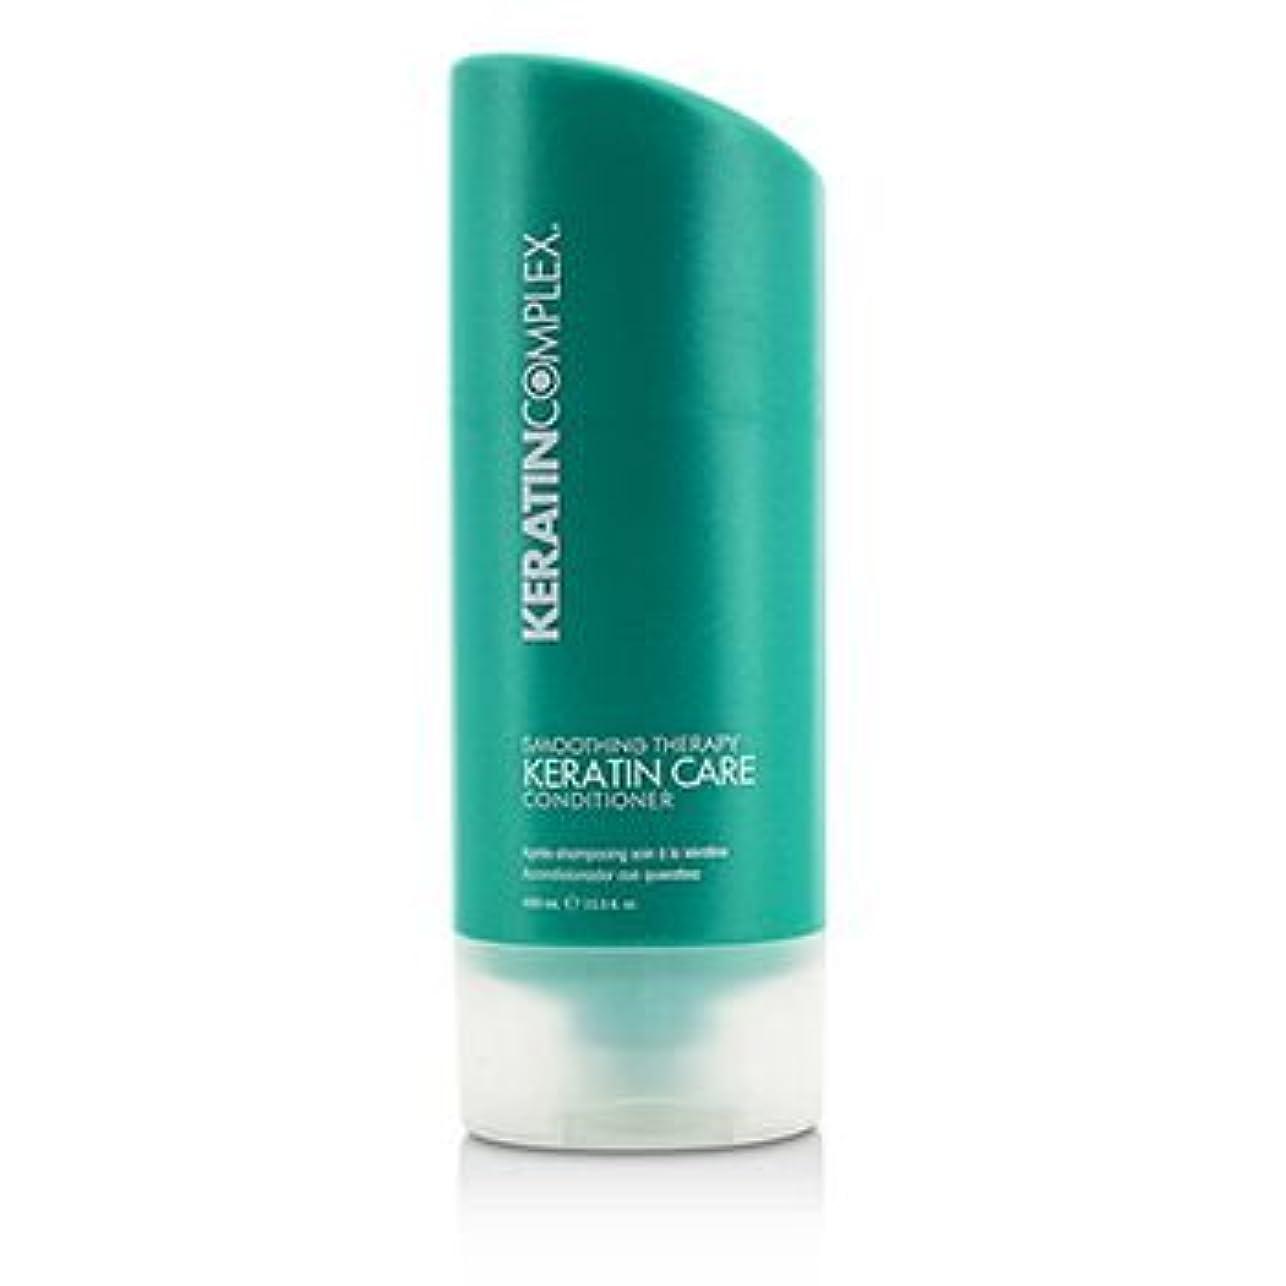 応じる範囲アロング[Keratin Complex] Smoothing Therapy Keratin Care Conditioner (For All Hair Types) 1000ml/33.8oz